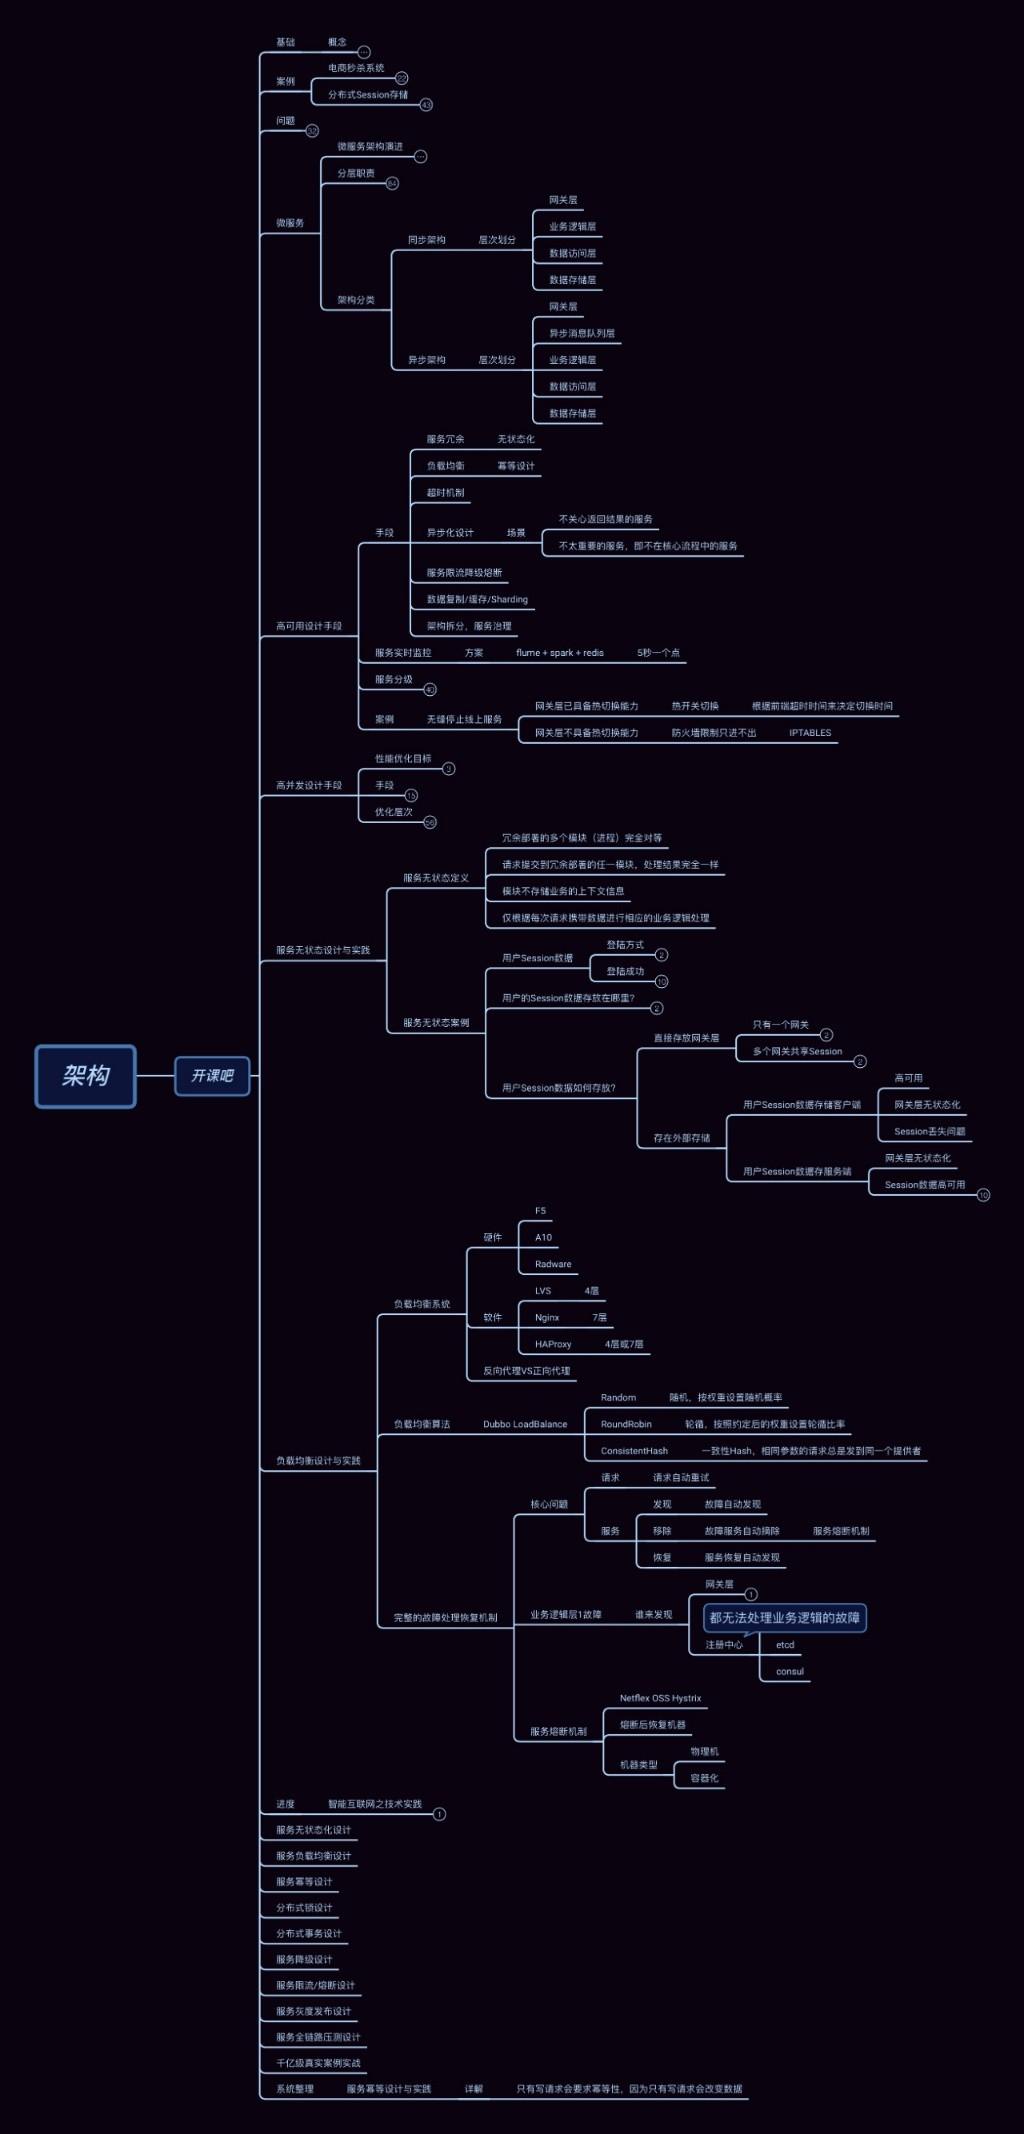 阿里P8 Java高级架构师,都需要掌握哪些技术栈?